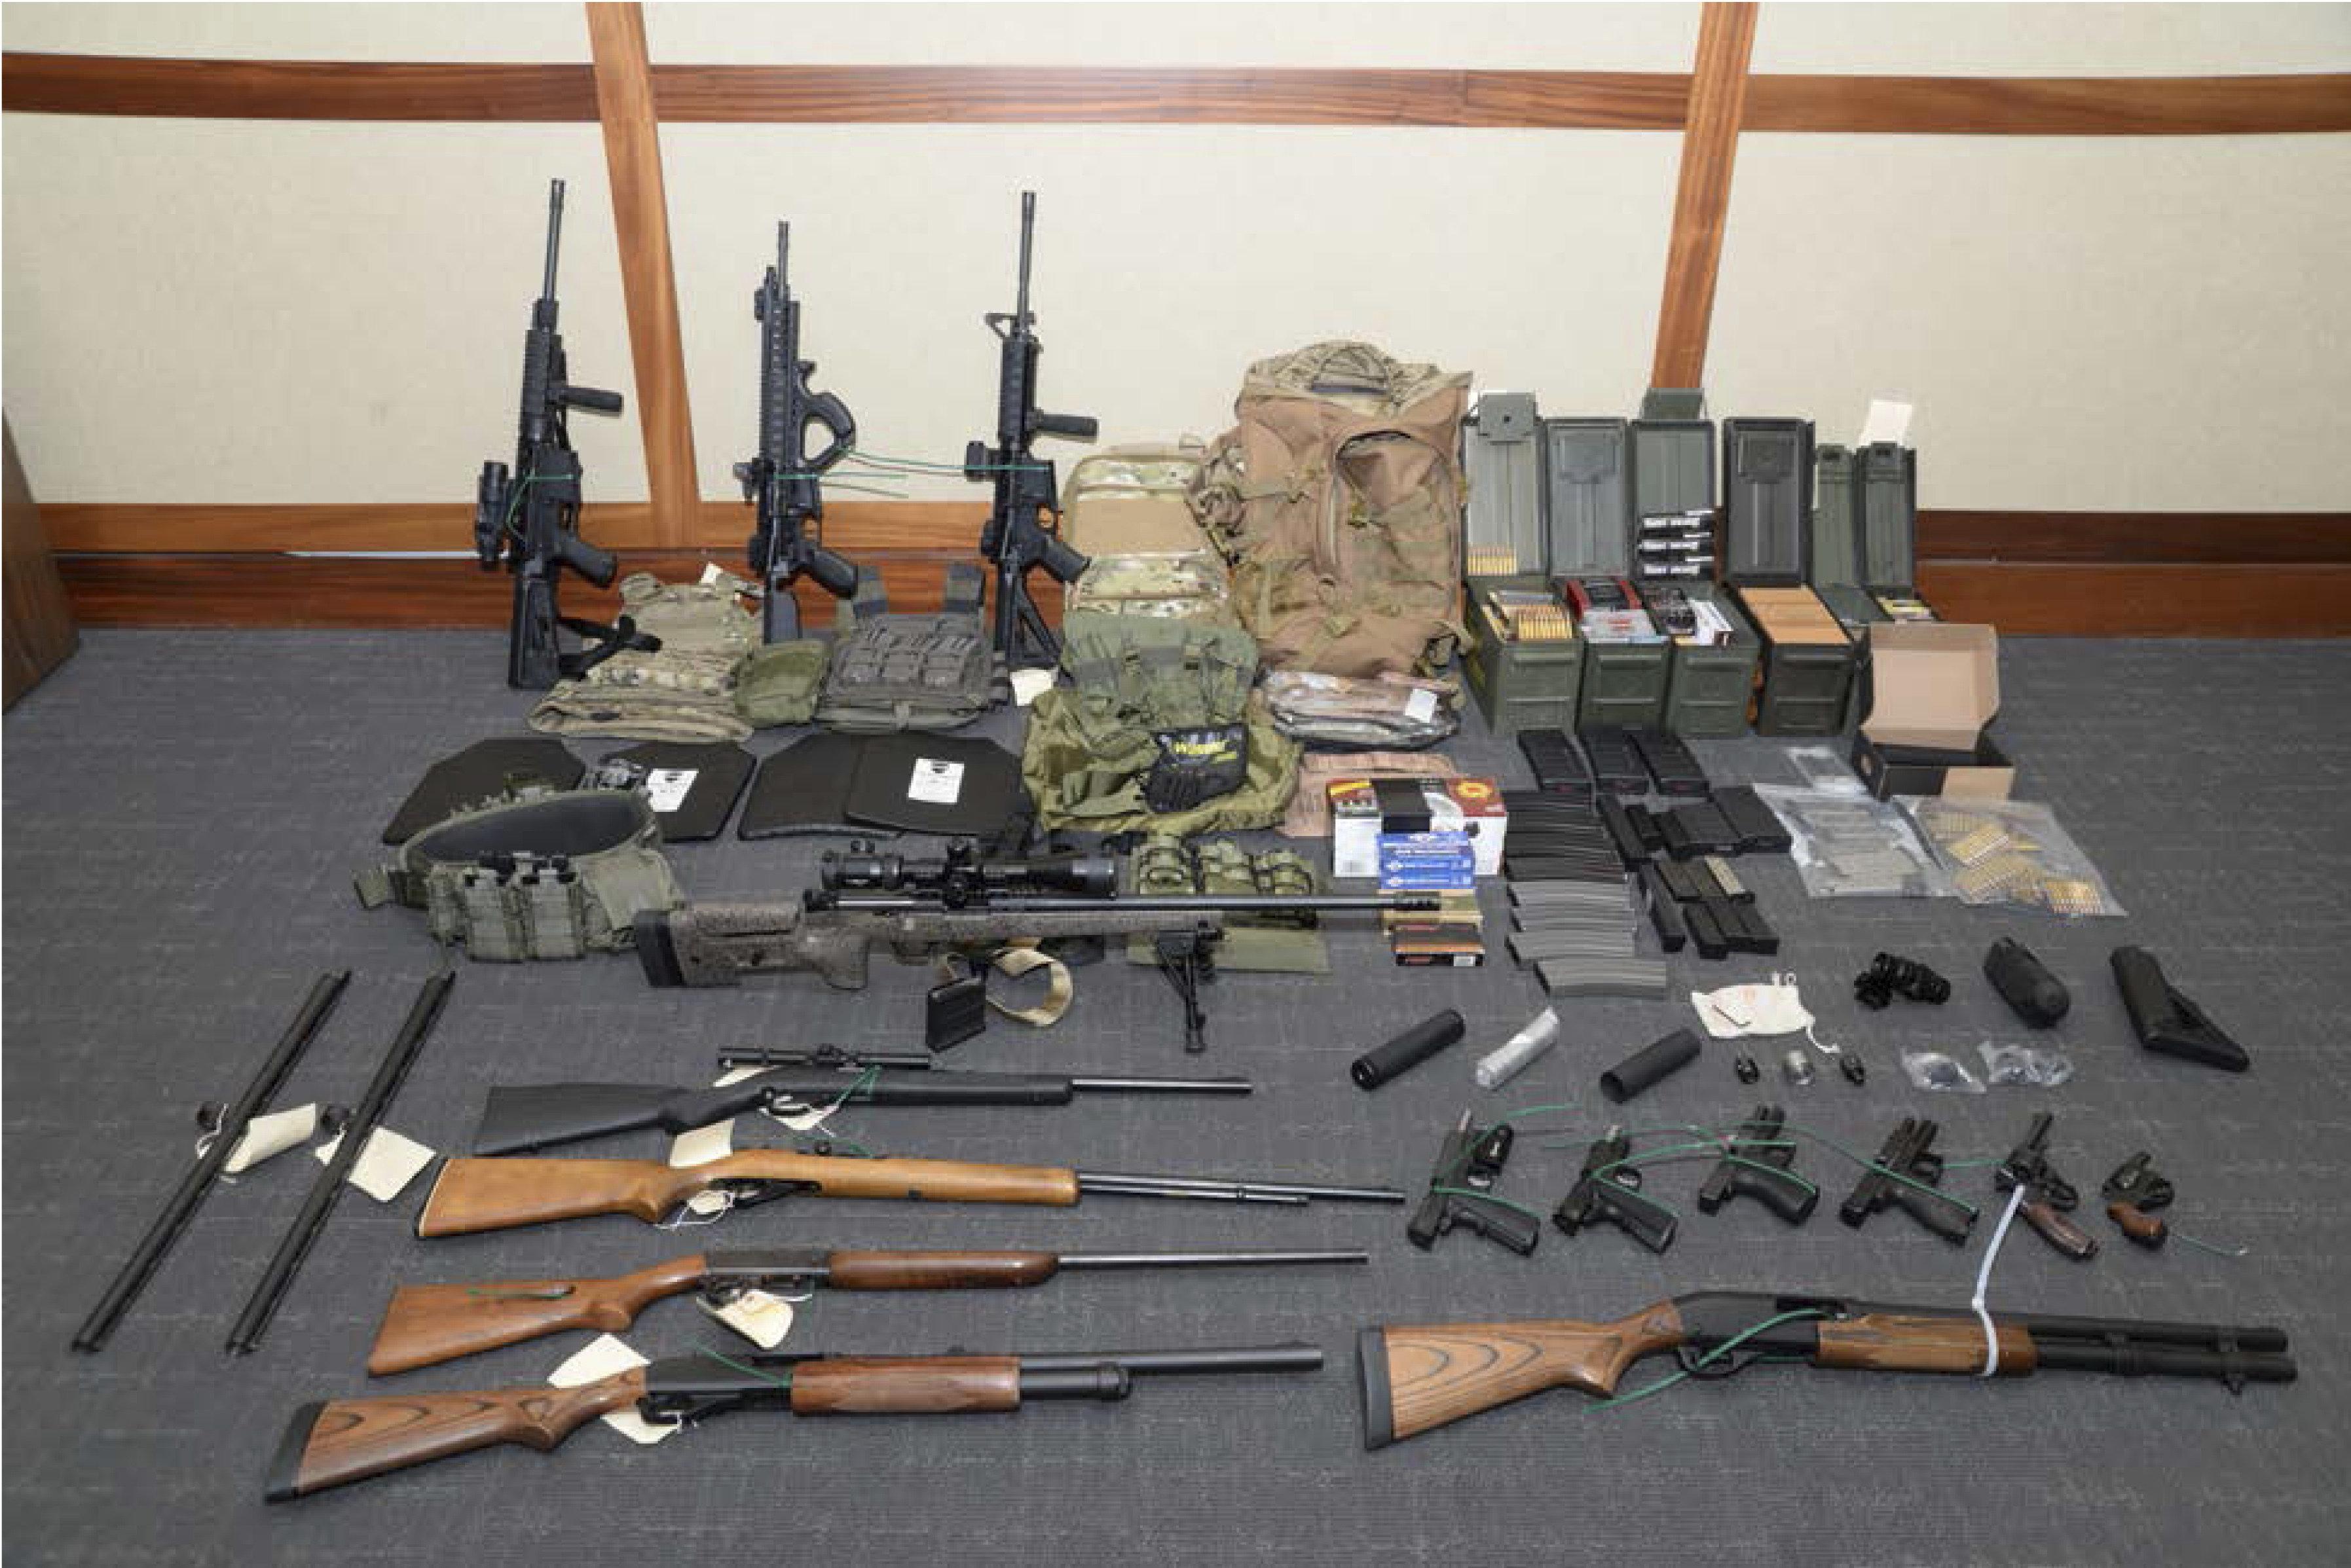 Feds: Racist 'Domestic Terrorist' Coast Guard Lt. Plotted To Kill Dems, Media